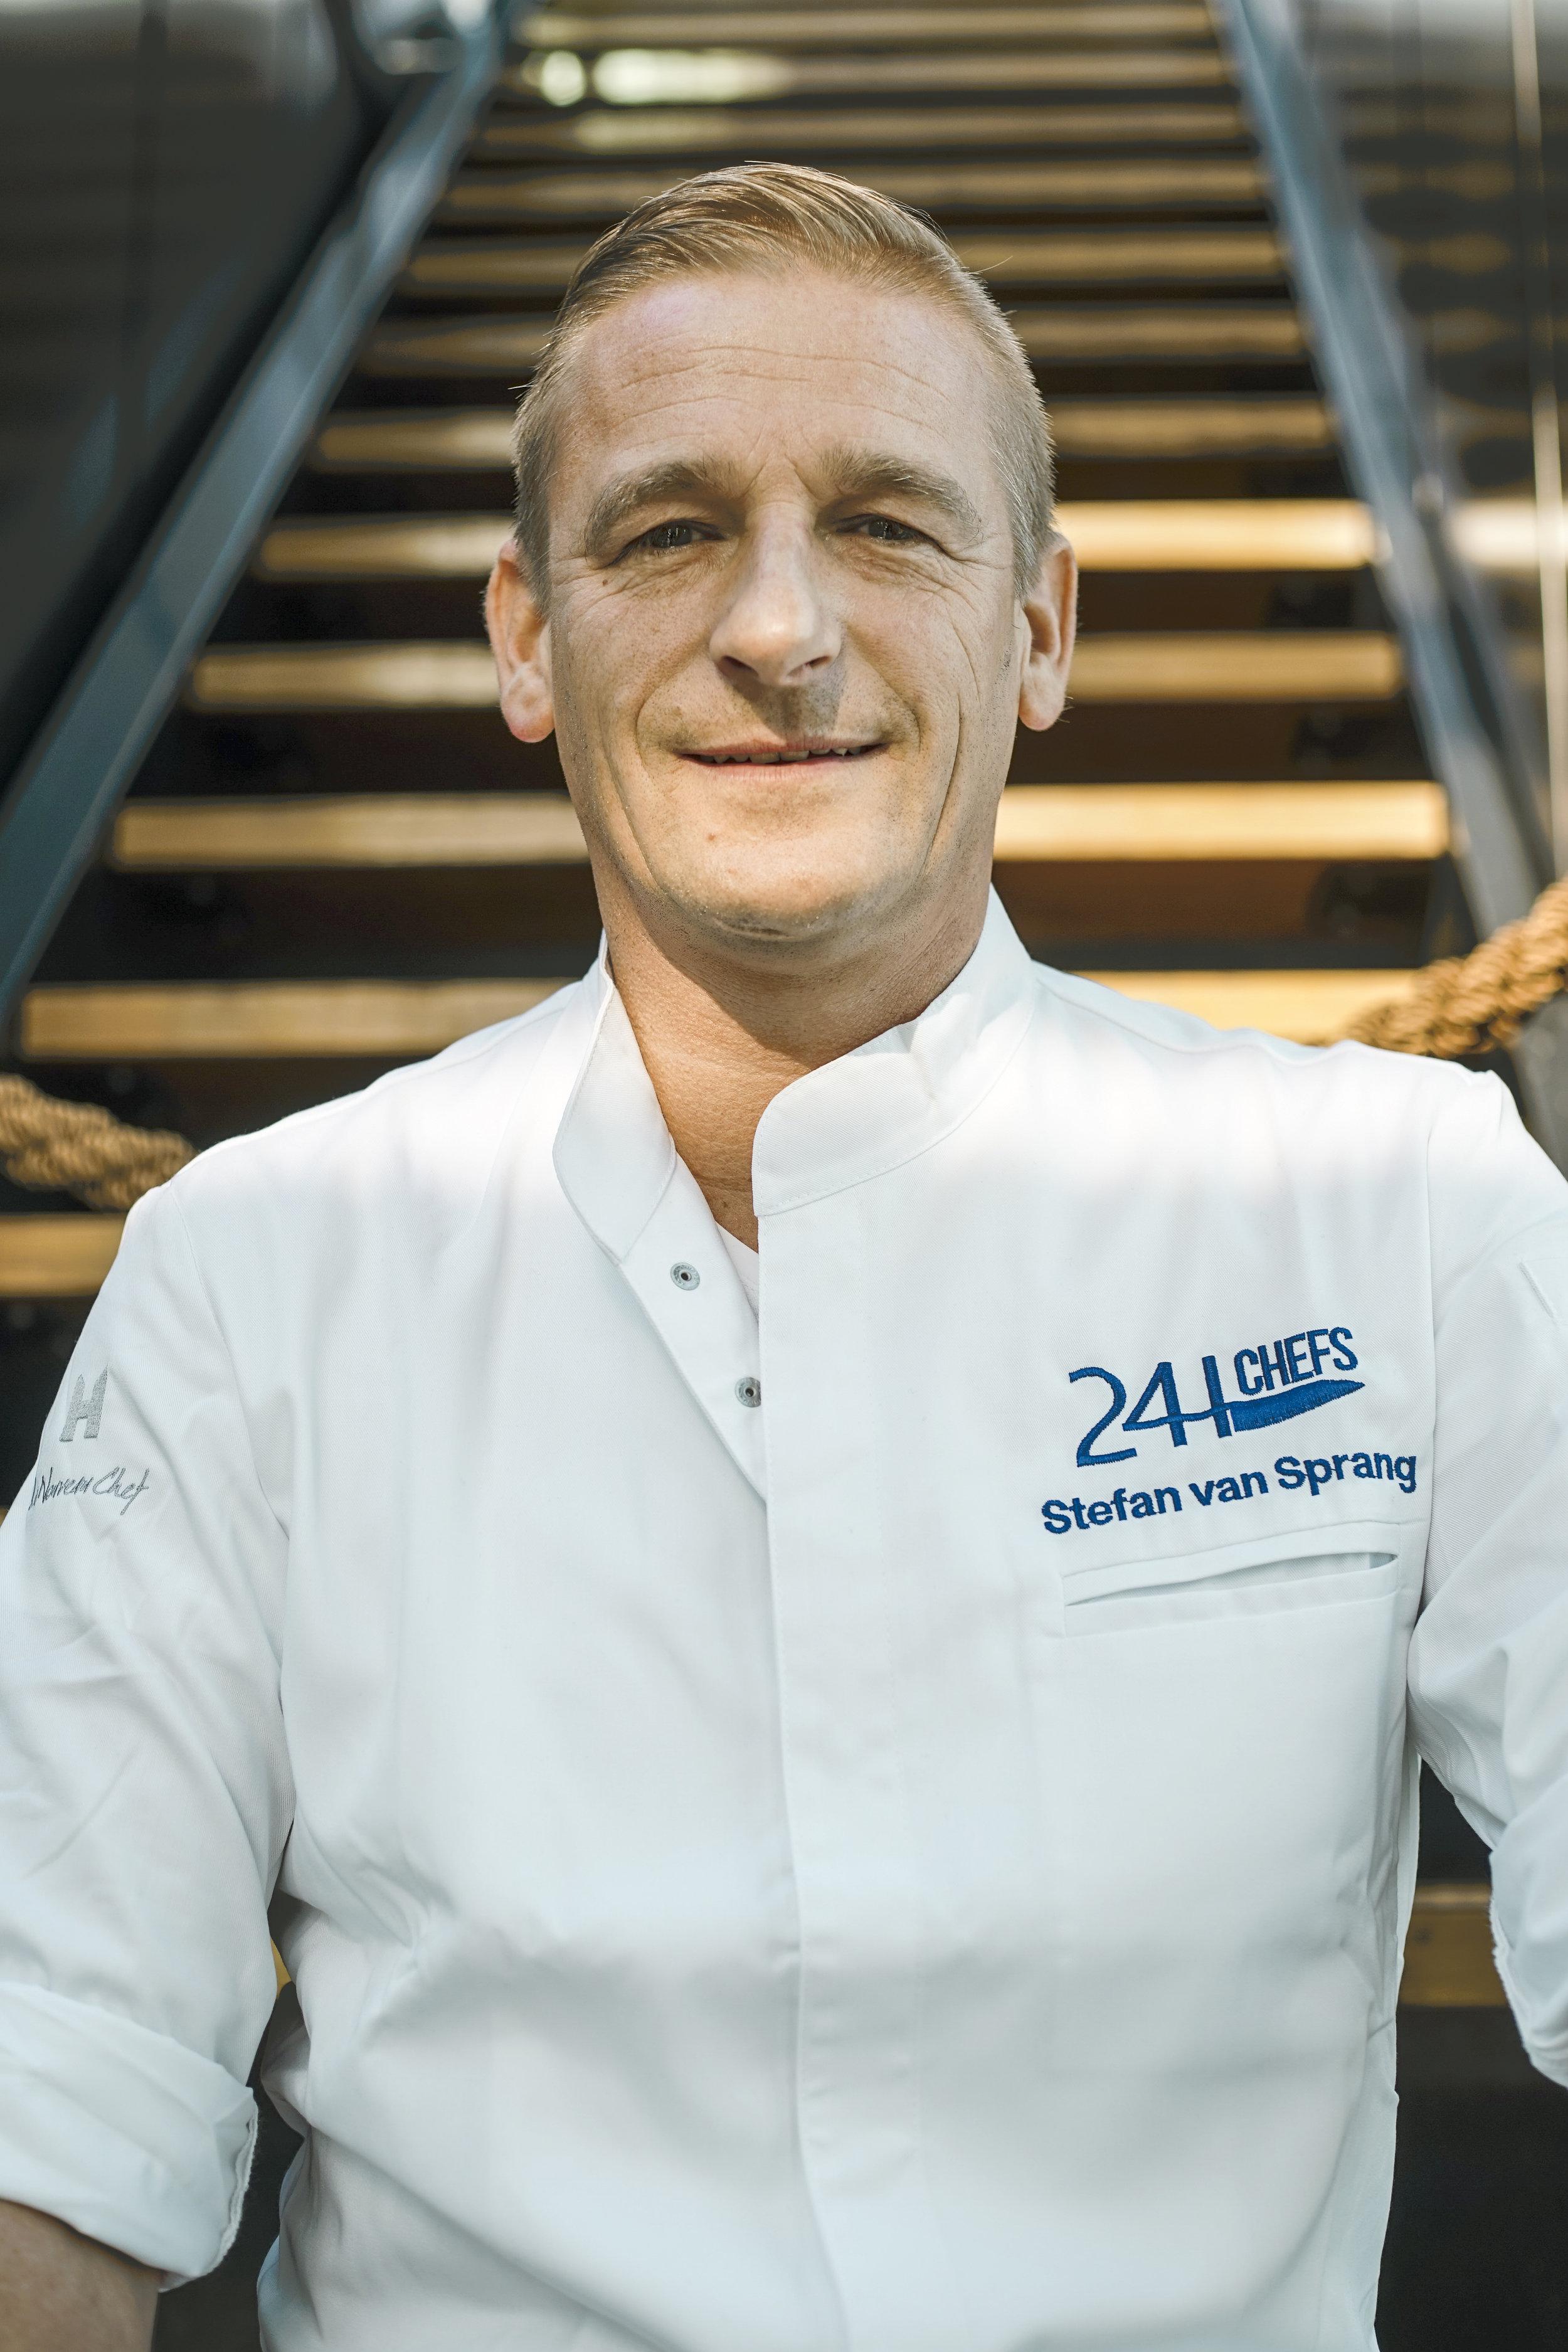 Chef Stefan van Sprang (Lindsay Tammer).jpg